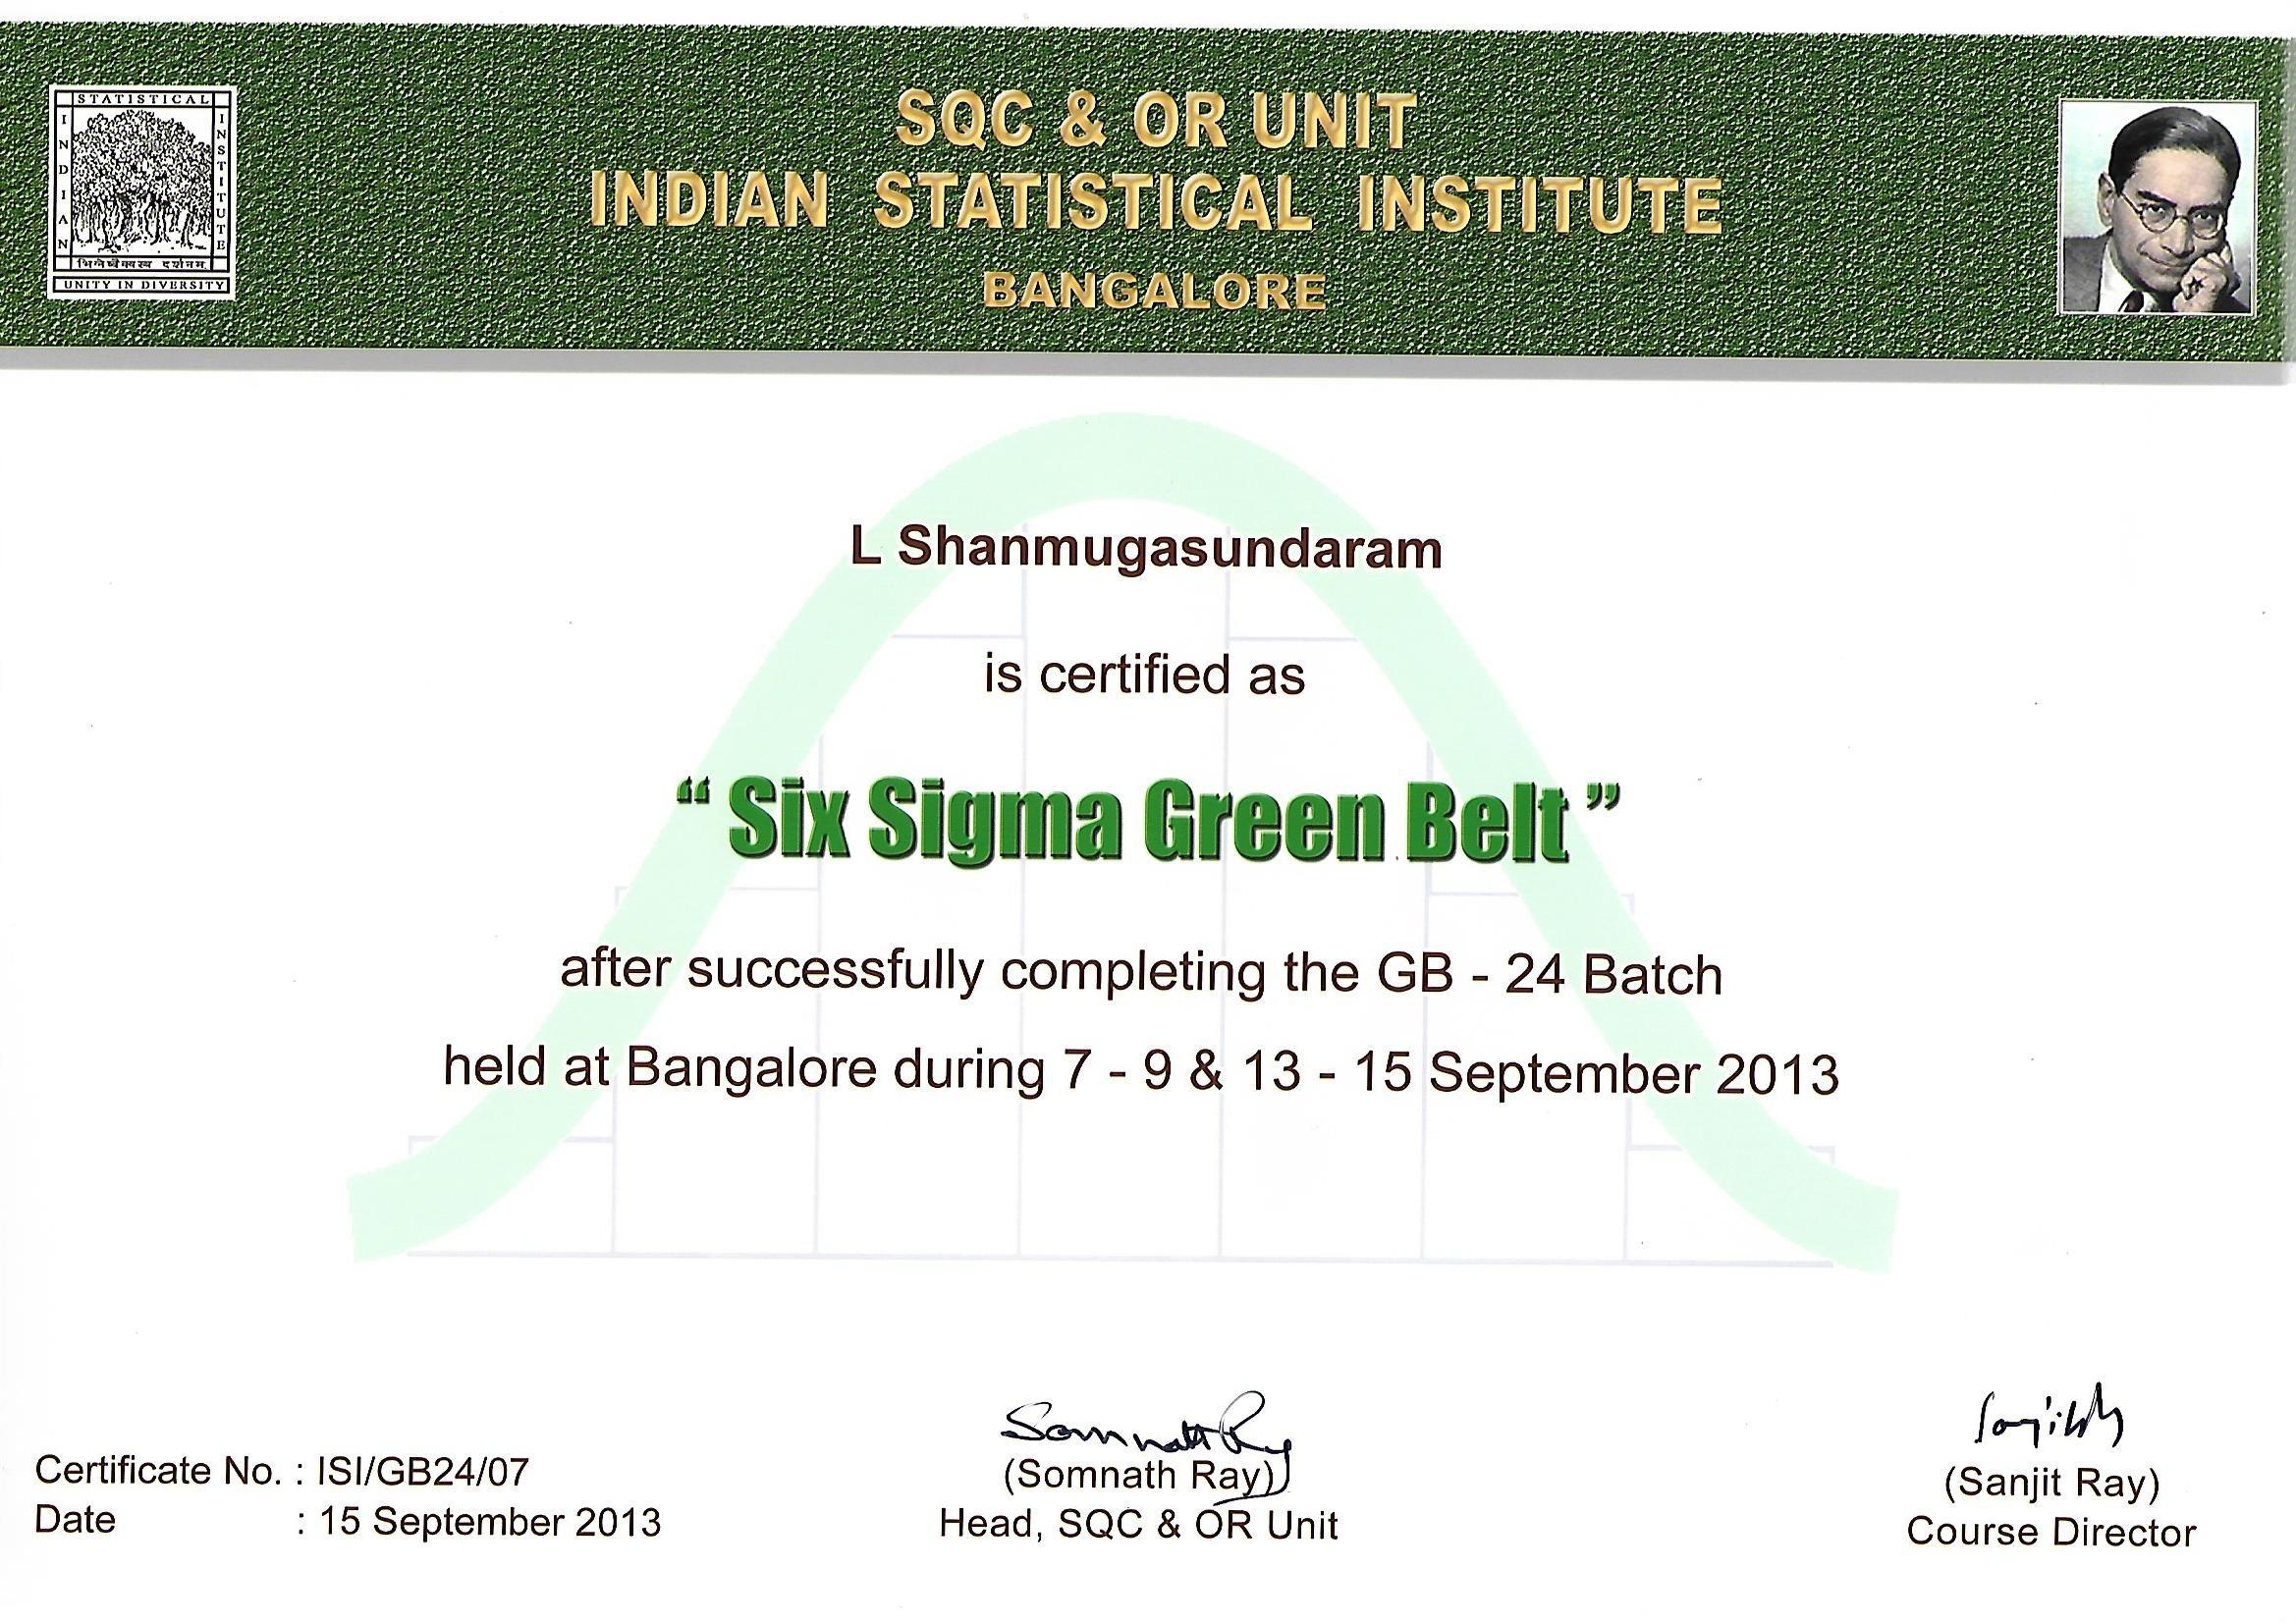 Shanmugasundaram loganathan bayt training institute indian statistical institute bangalore xflitez Choice Image